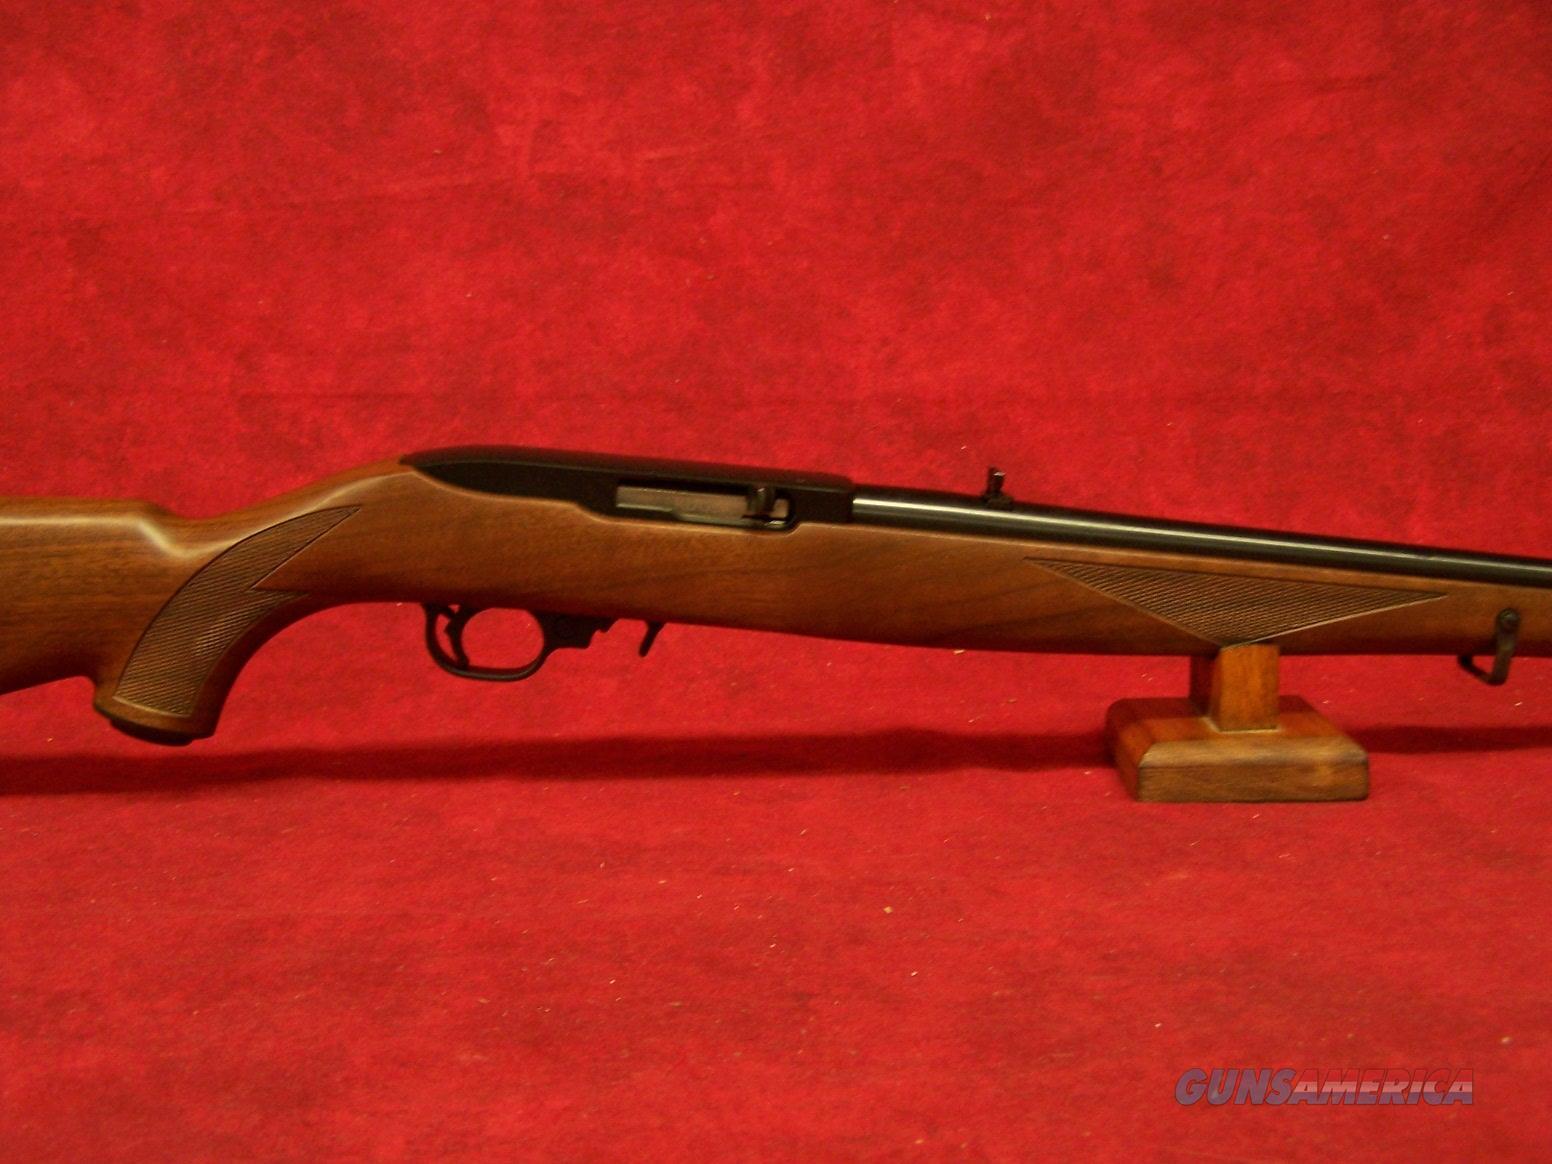 """Ruger 10/22 Carbine 22LR Mannlicher Stock 18.5"""" Barrel (01265)  Guns > Rifles > Ruger Rifles > 10-22"""